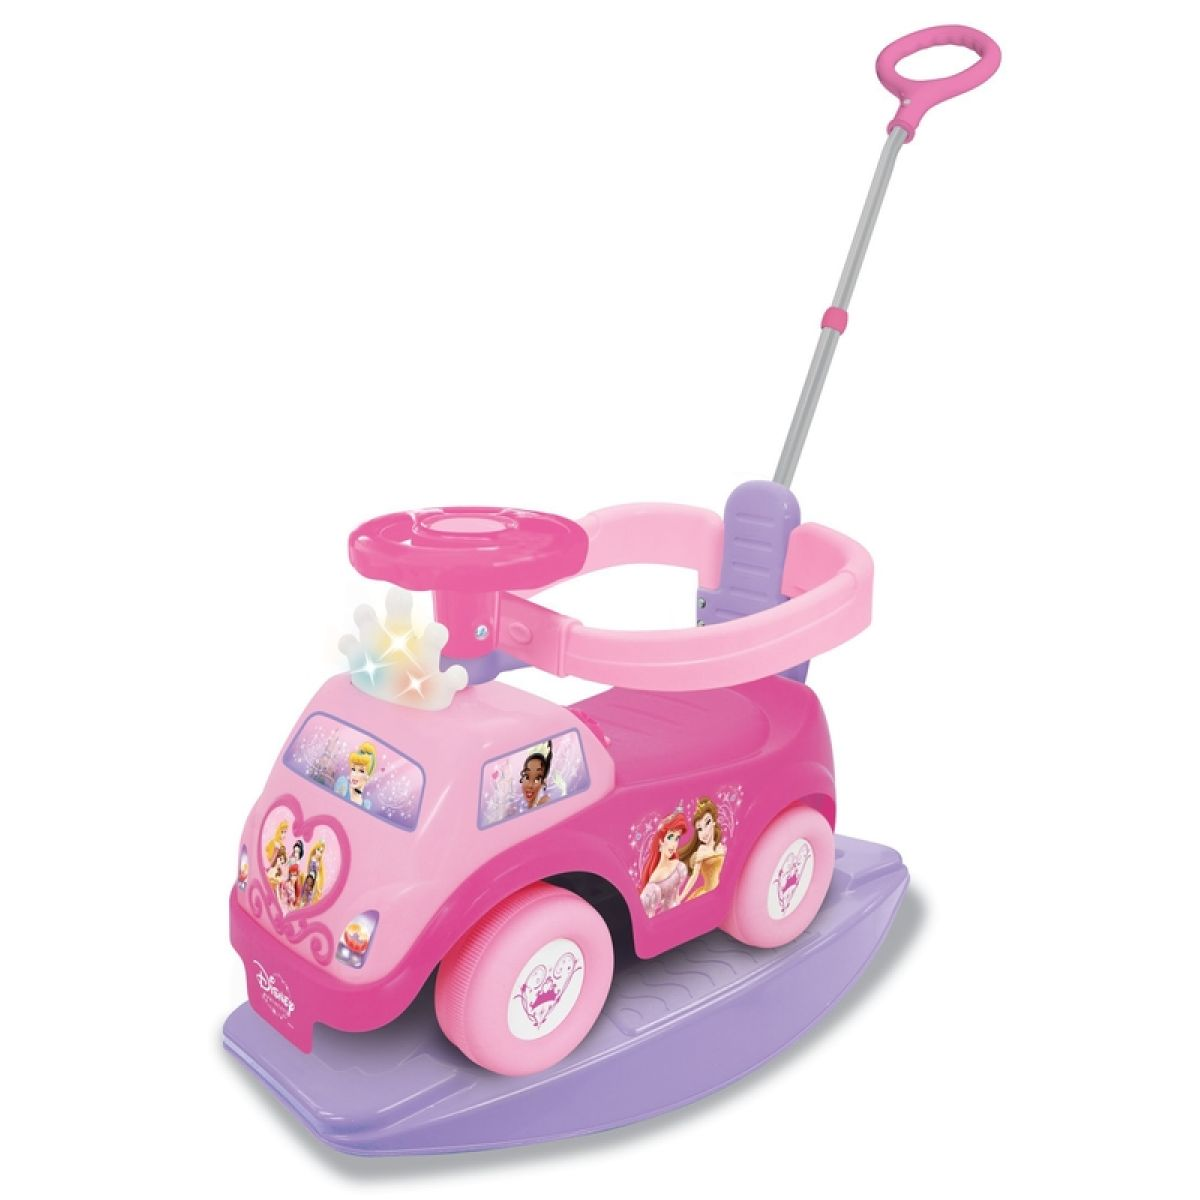 Kiddieland Odrážedlo Disney Princess s houpačkou 4v1